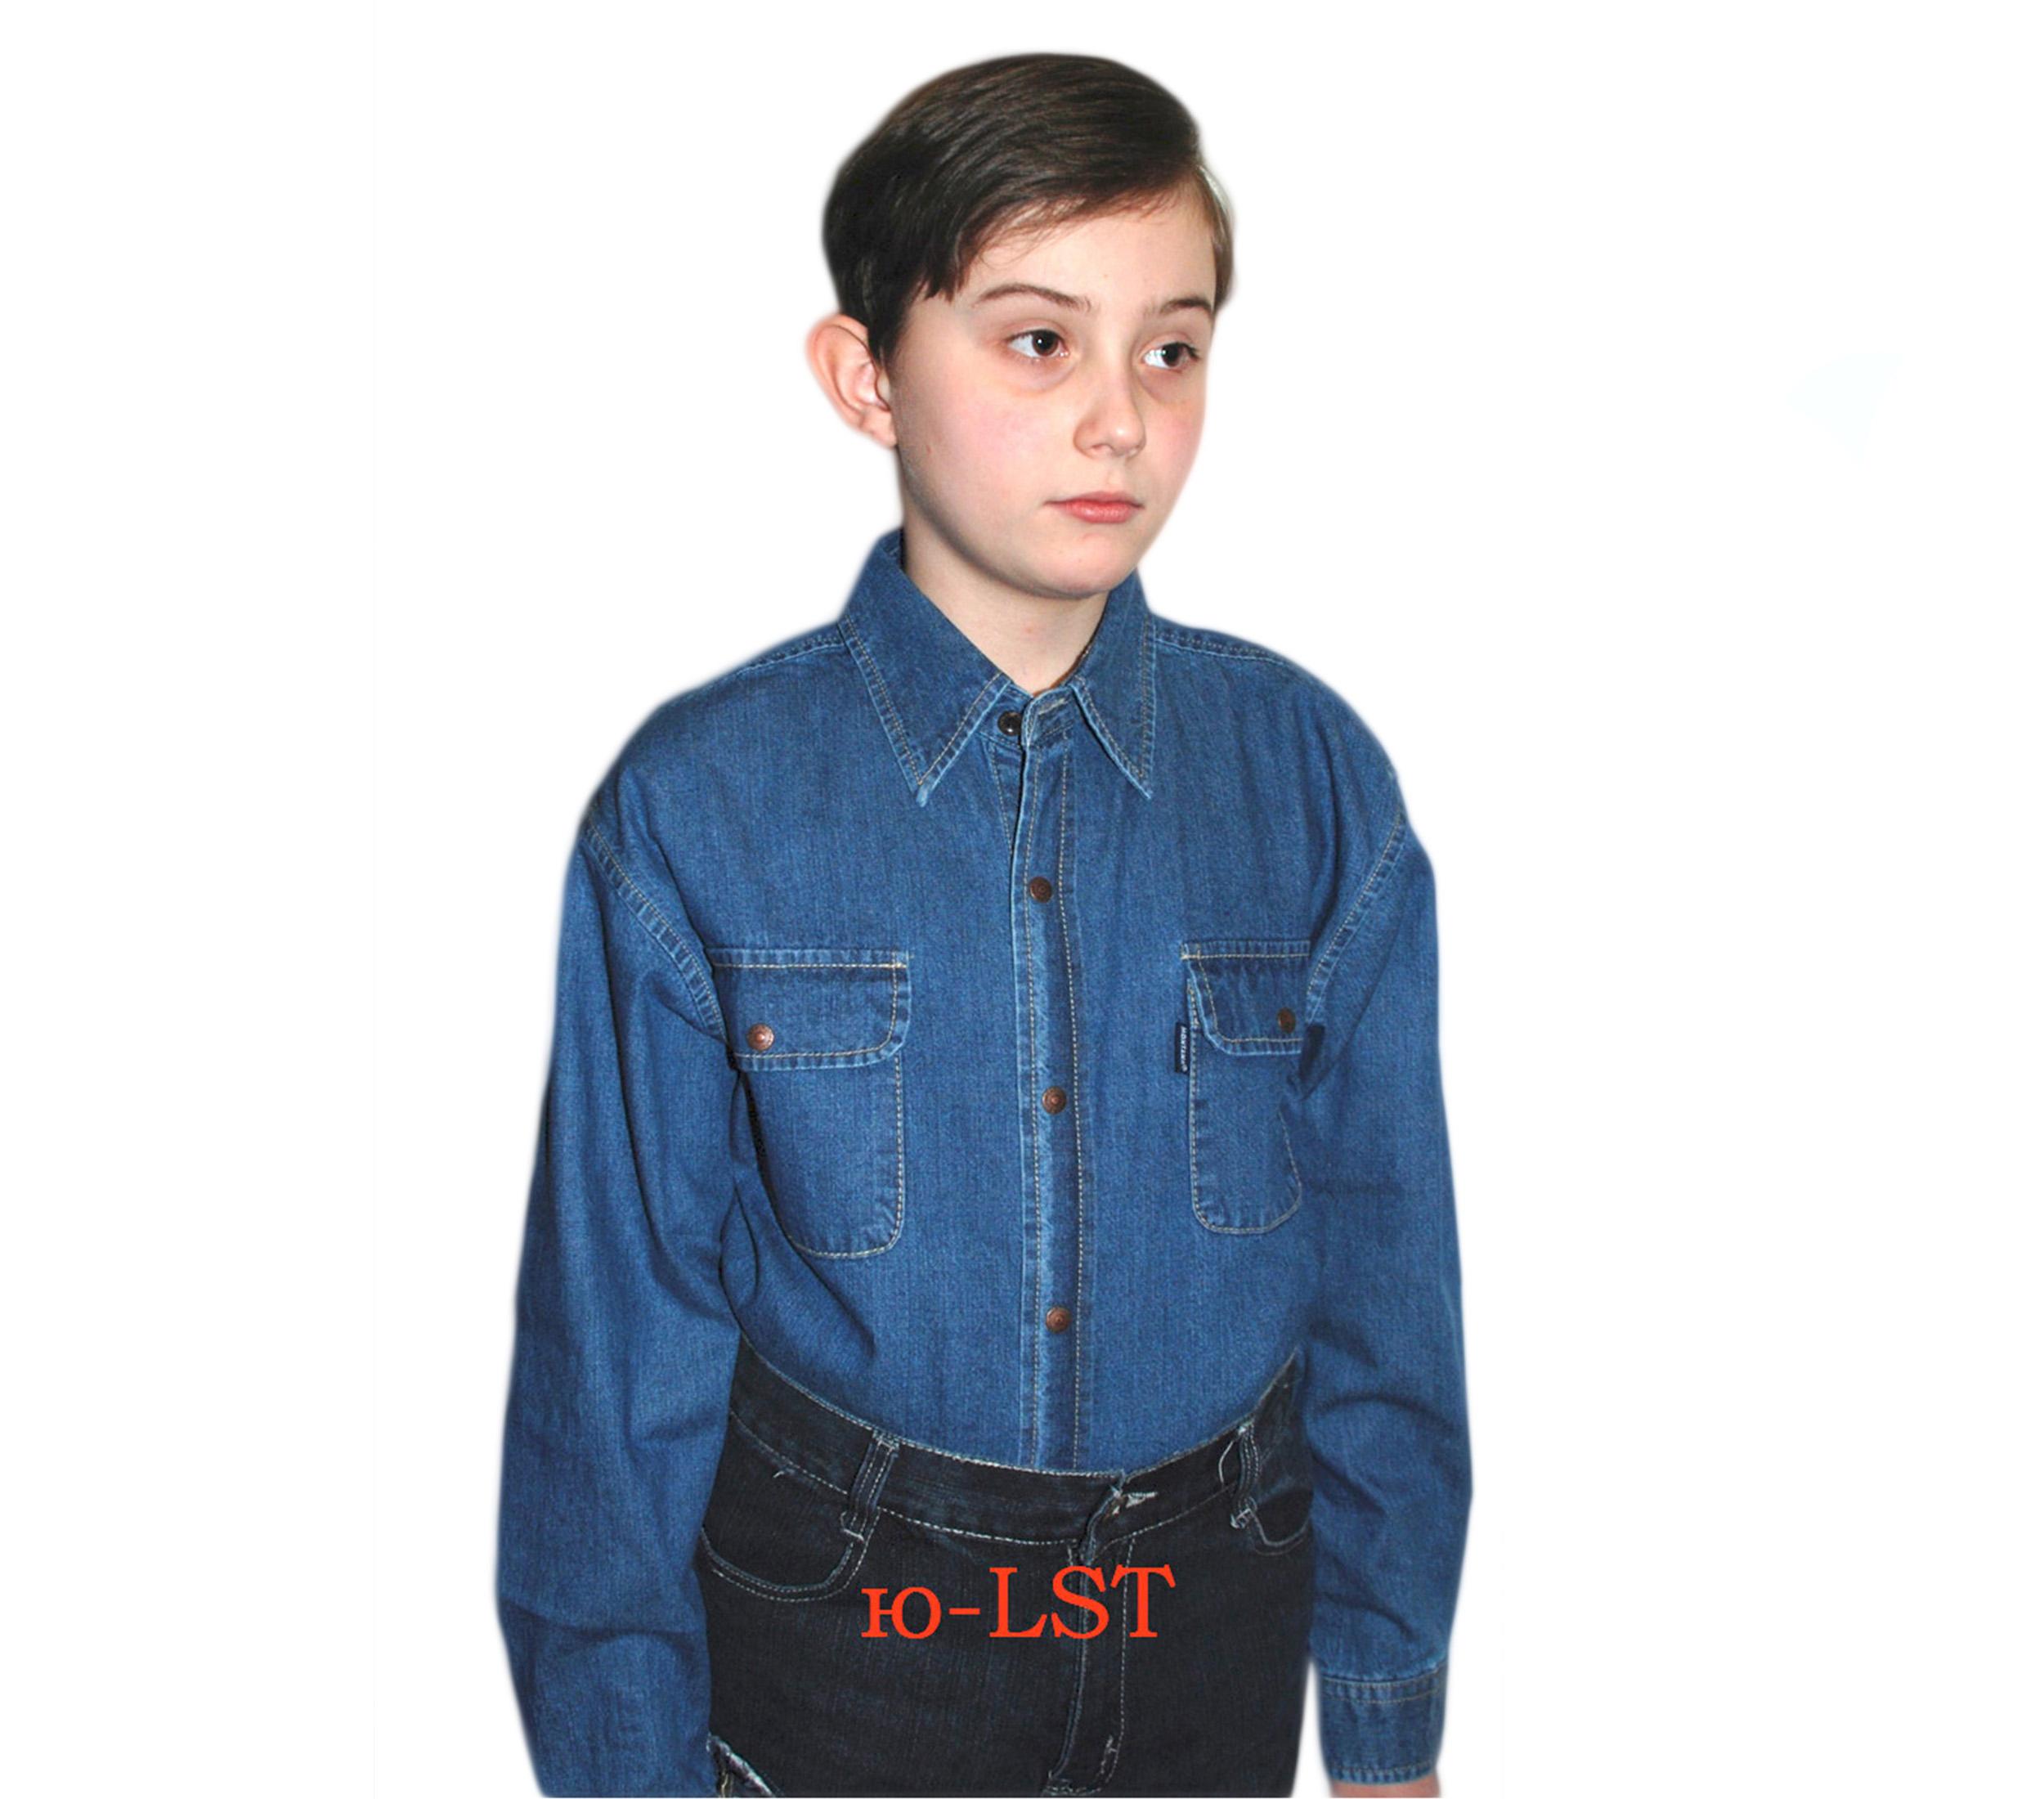 Подростковая джинсовая рубашка синего цвета с длинным рукавом.